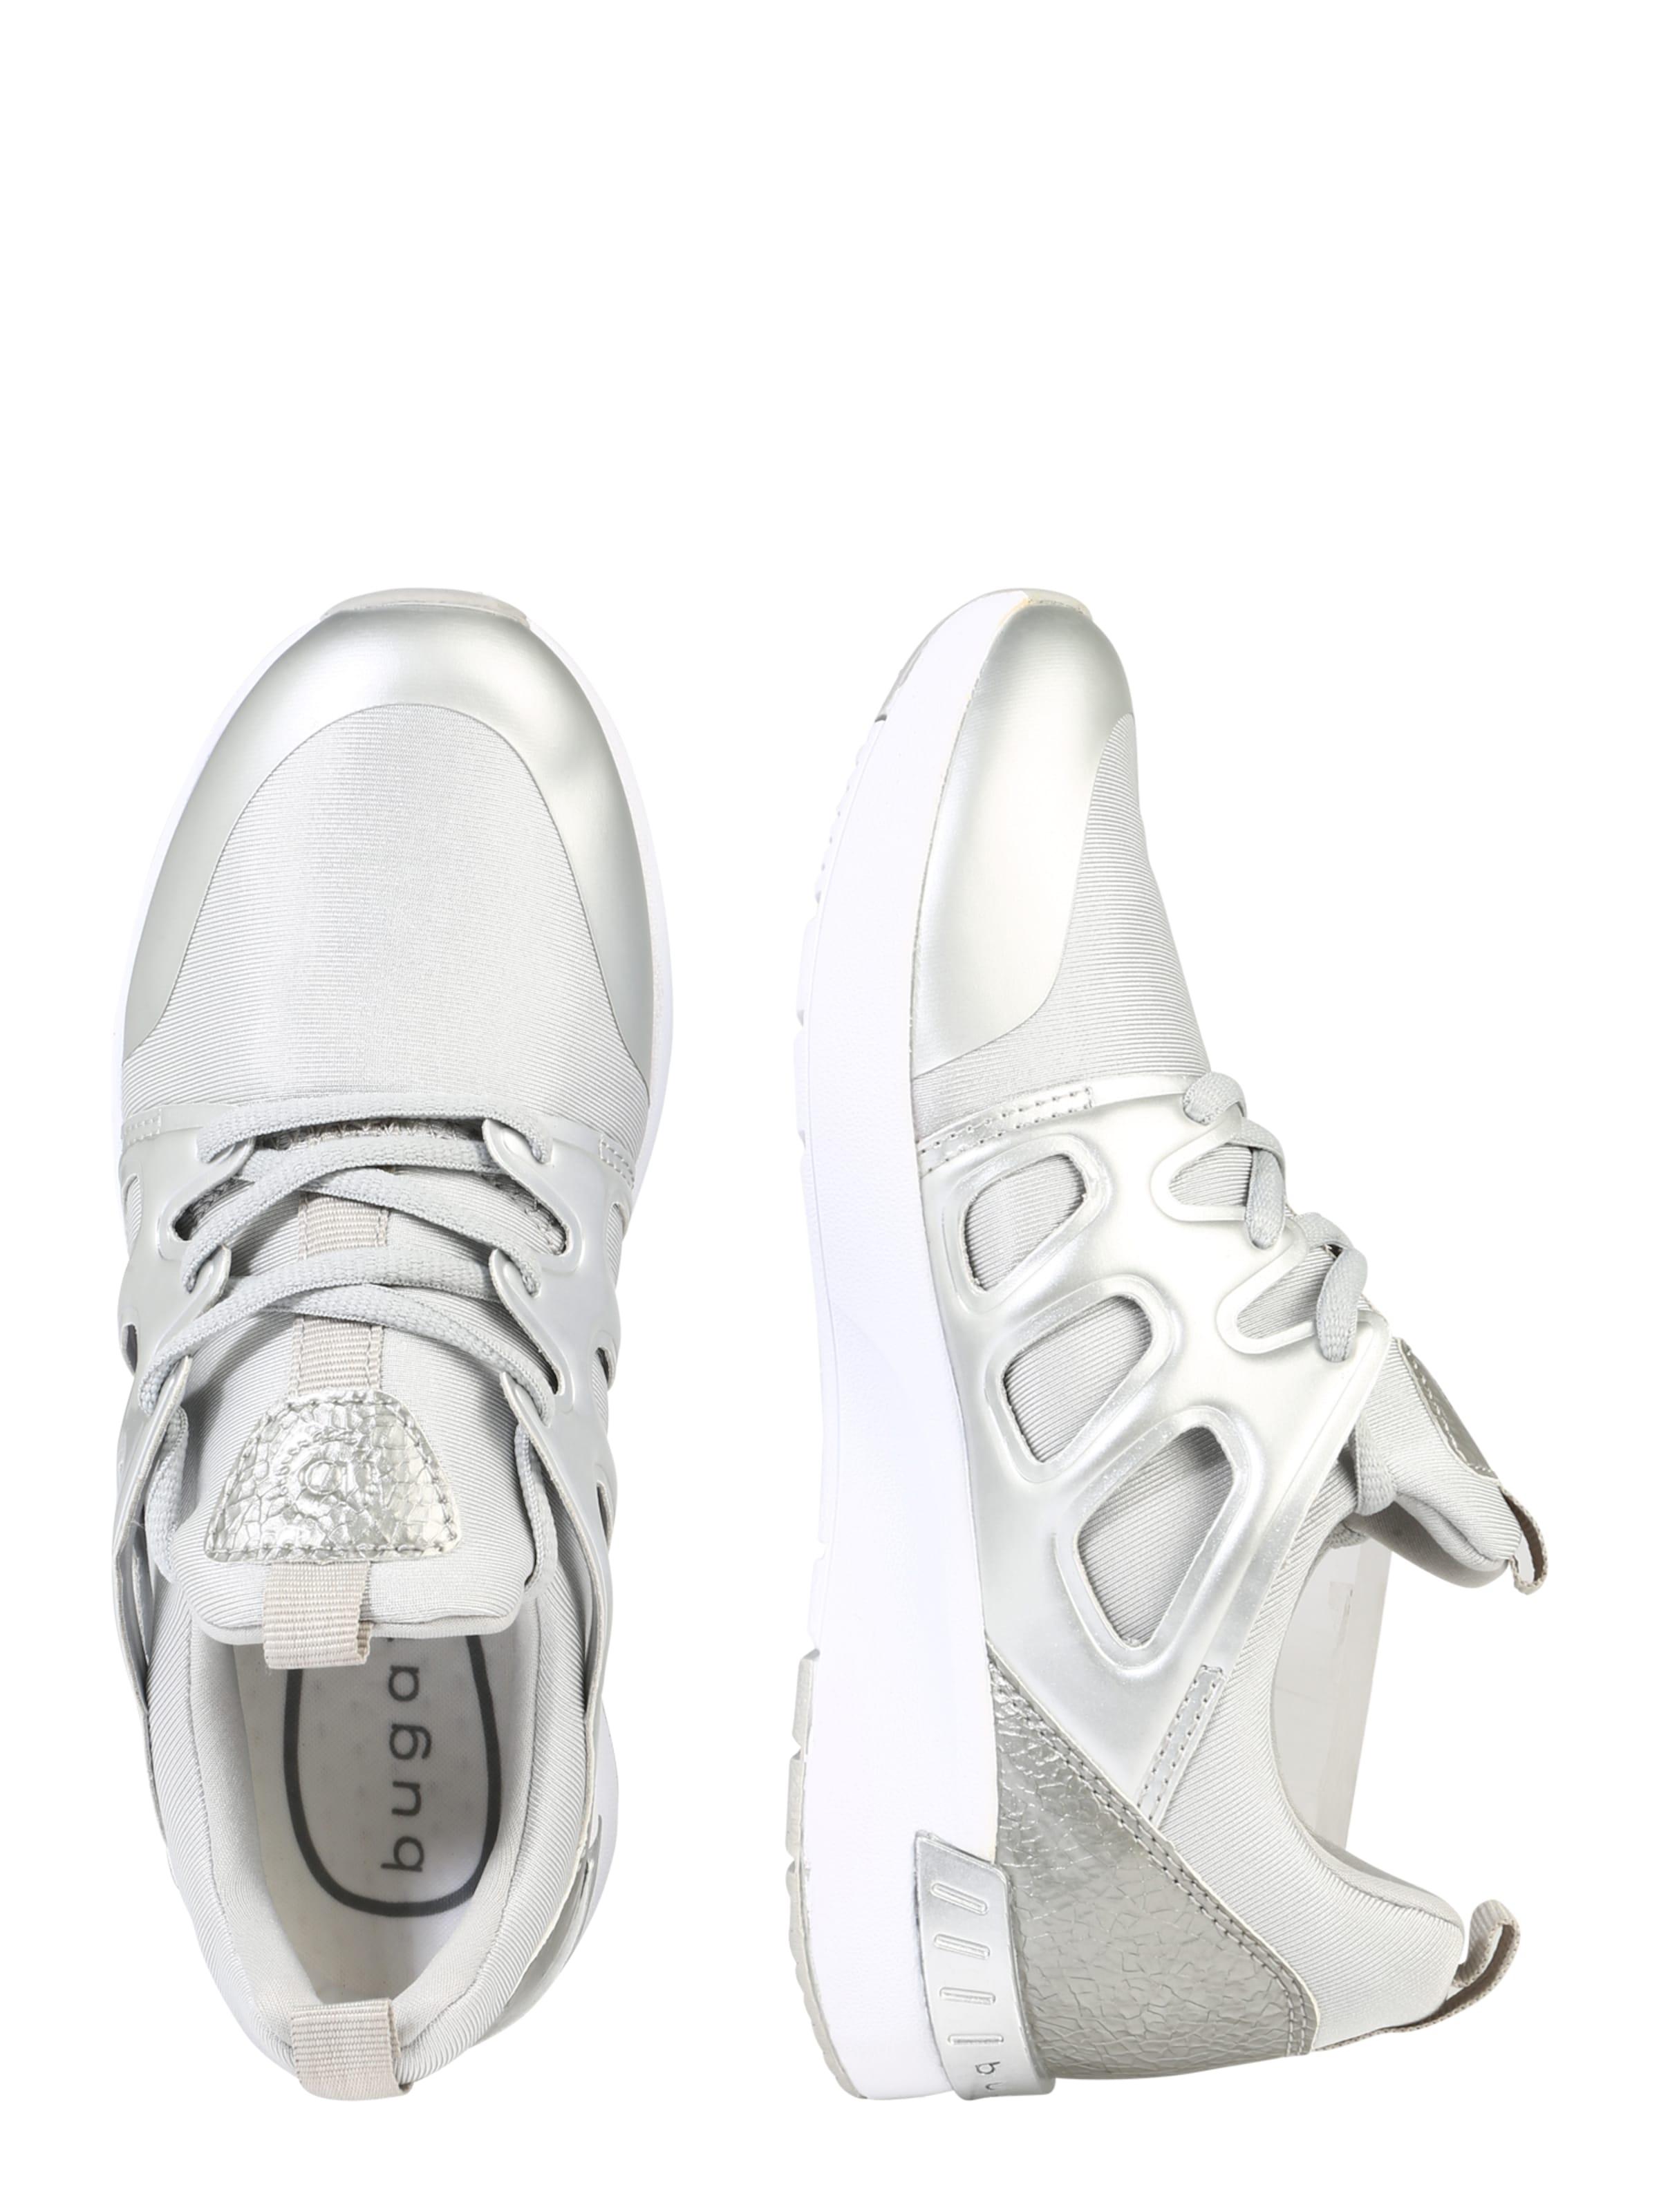 bugatti Sneaker mit dämpfender Laufsohle Günstiger Preis Auslass Verkauf Beeile Dich 2018 Neue VuJqaY53H